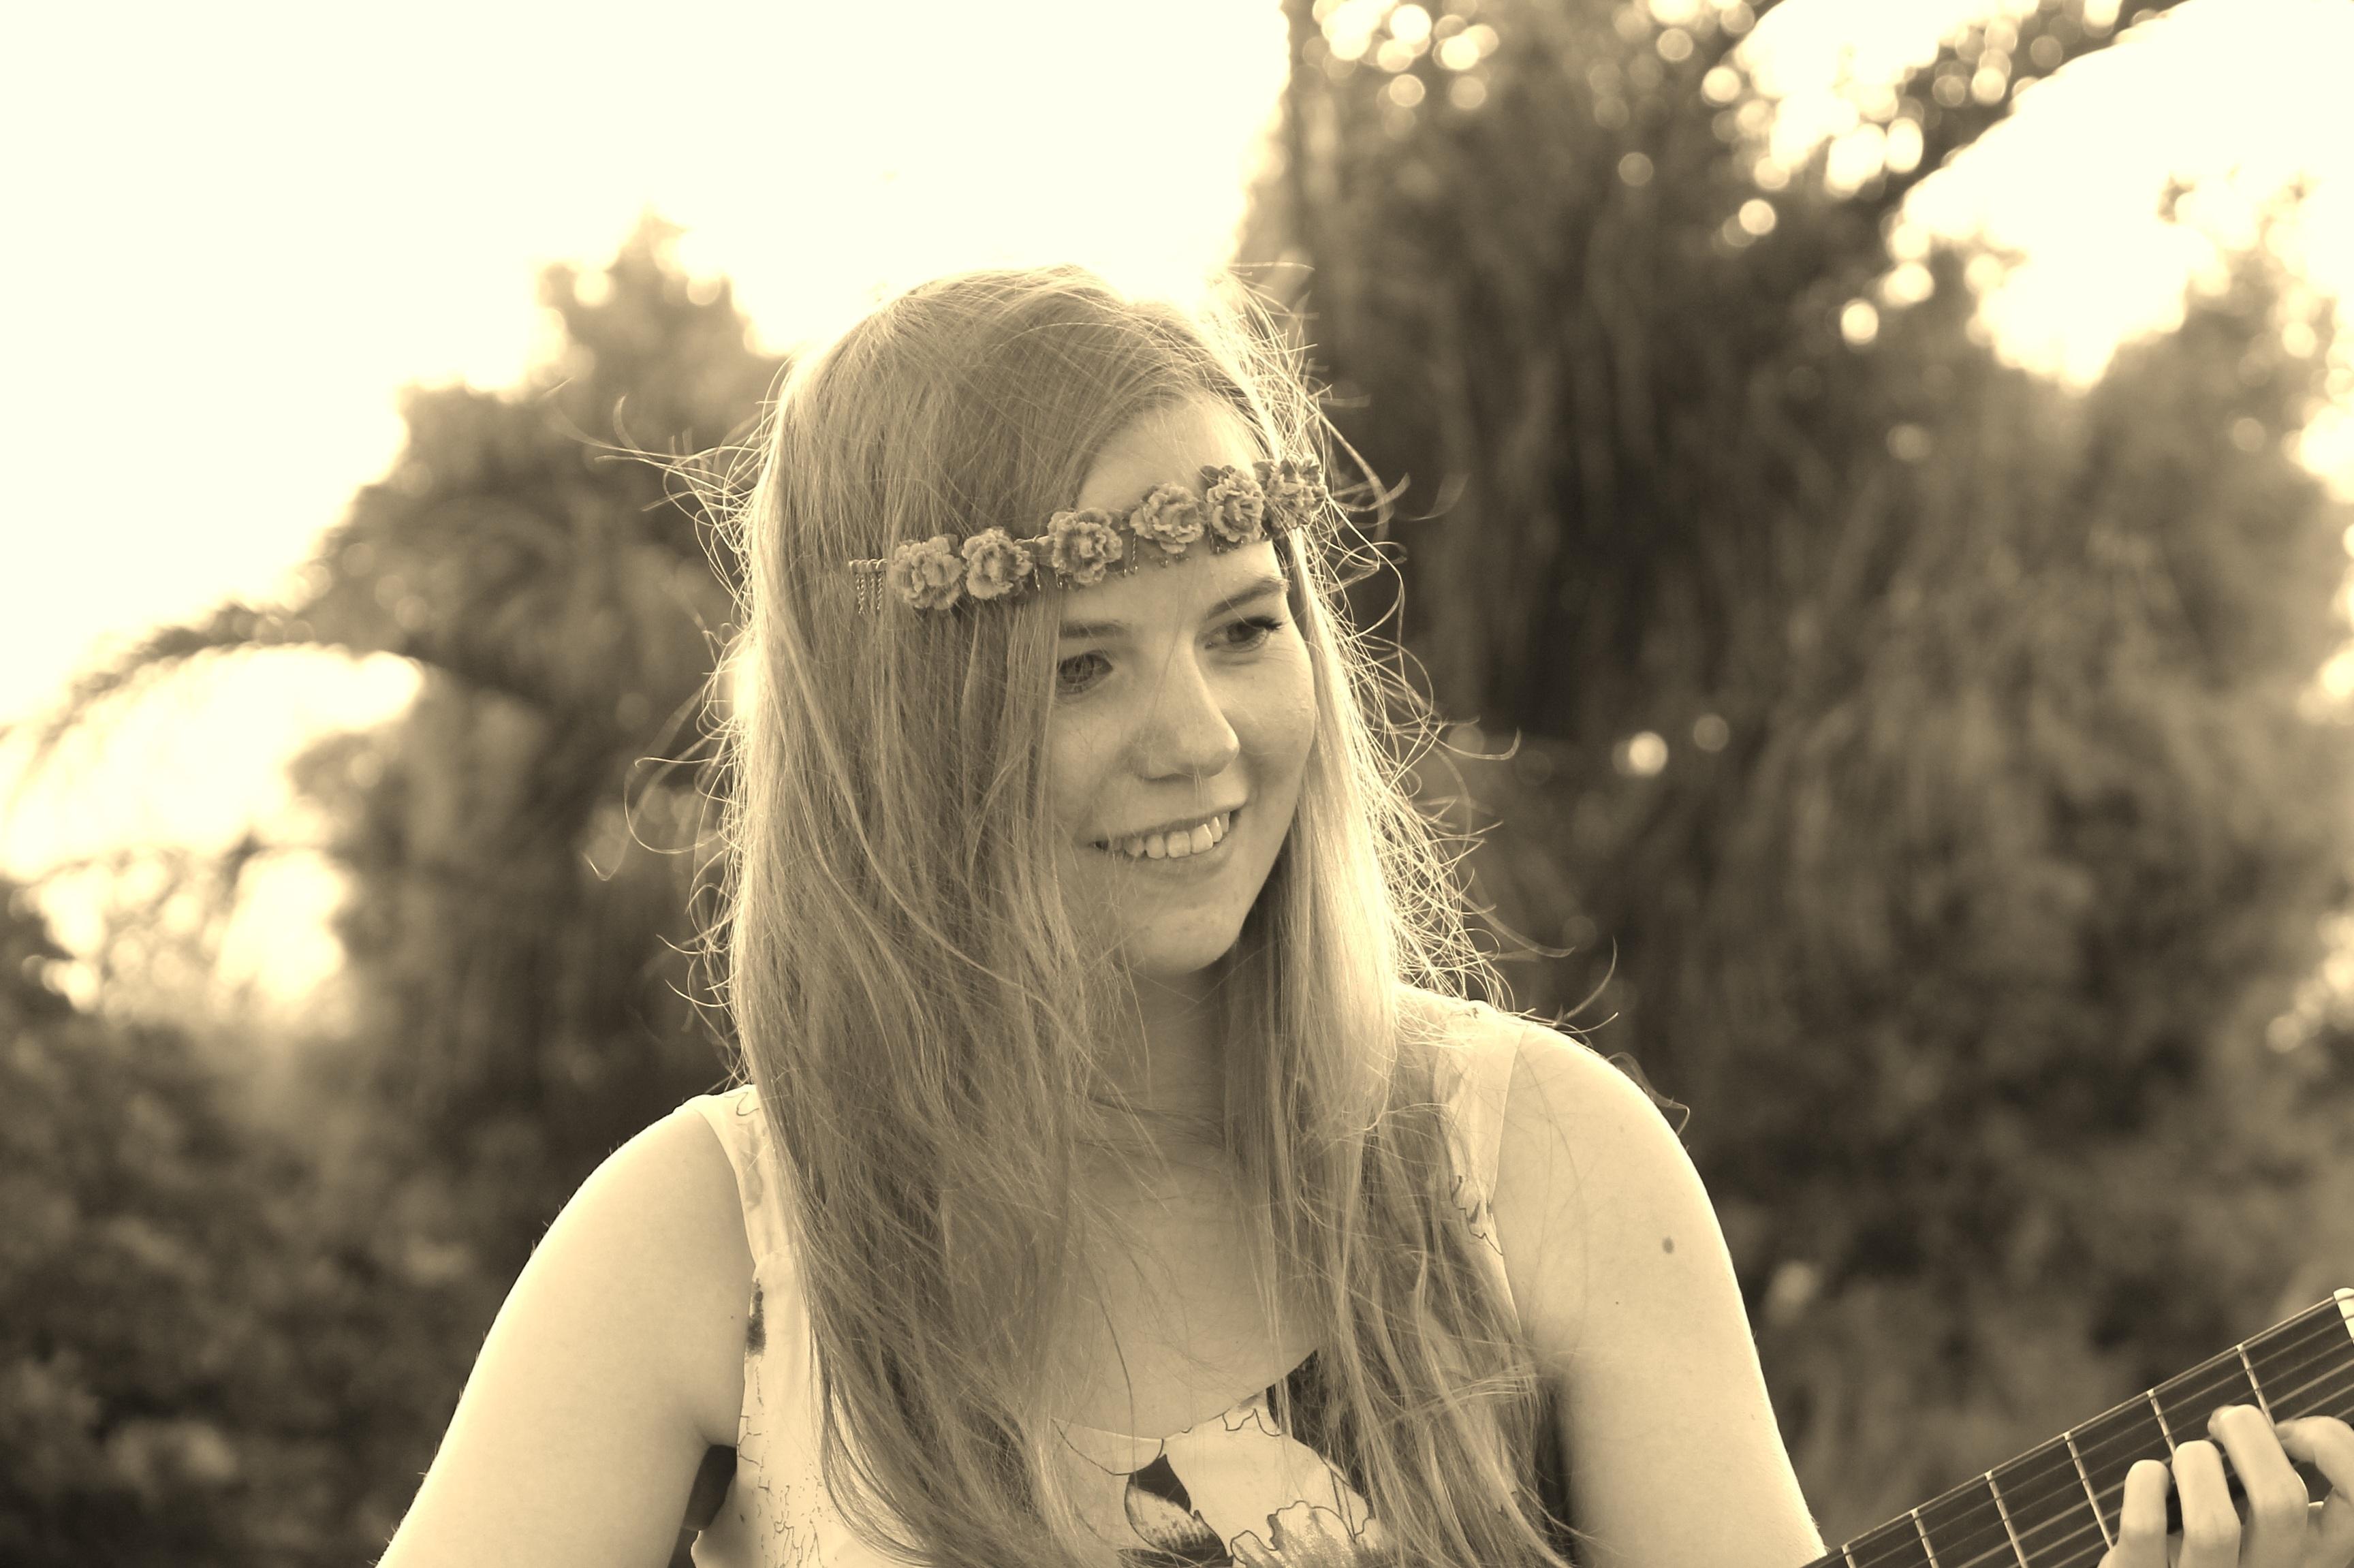 hình ảnh : người, con gái, đàn bà, tóc, nhiếp ảnh, chơi, Ánh sáng mặt trời, đàn ghi ta, Chân dung, mô hình, trẻ, Mùa xuân, Dụng cụ, quý bà, Nét mặt, ...